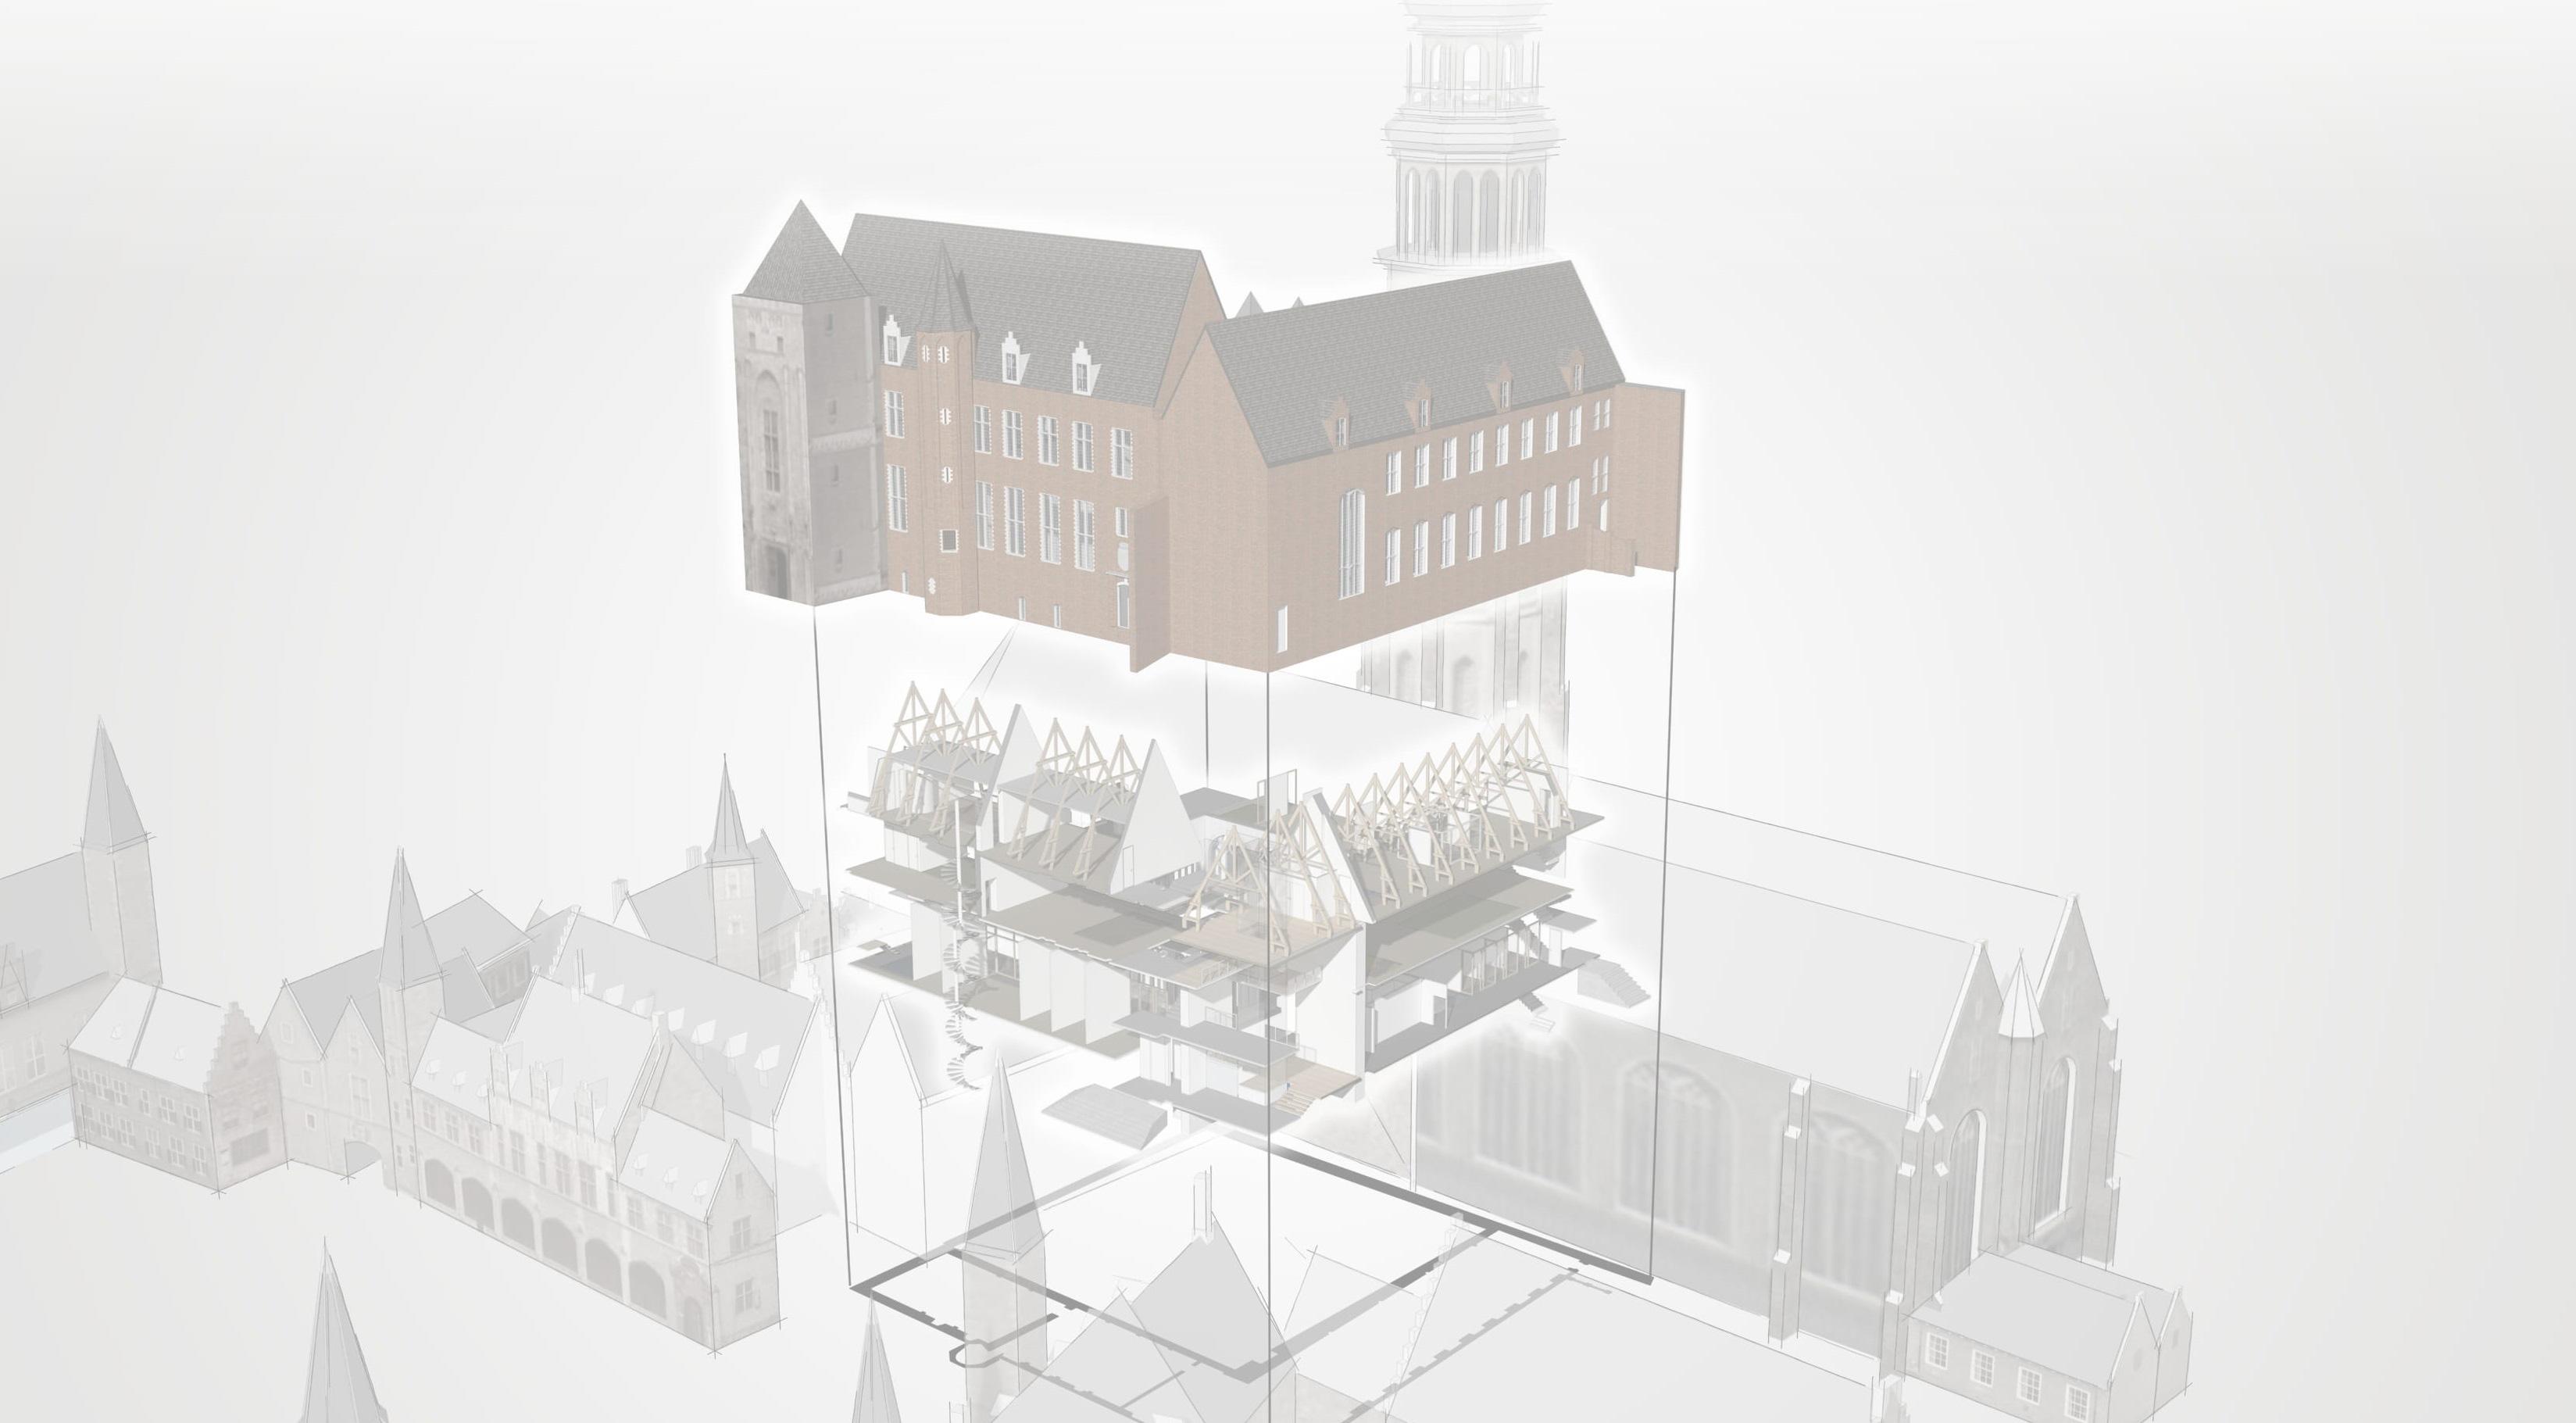 <p>De Librije heeft een historisch ogende gevel, maar is dankzij de renovatie van na de oorlog in feite een modern gebouw met een betonnen vloerconstructie. </p>